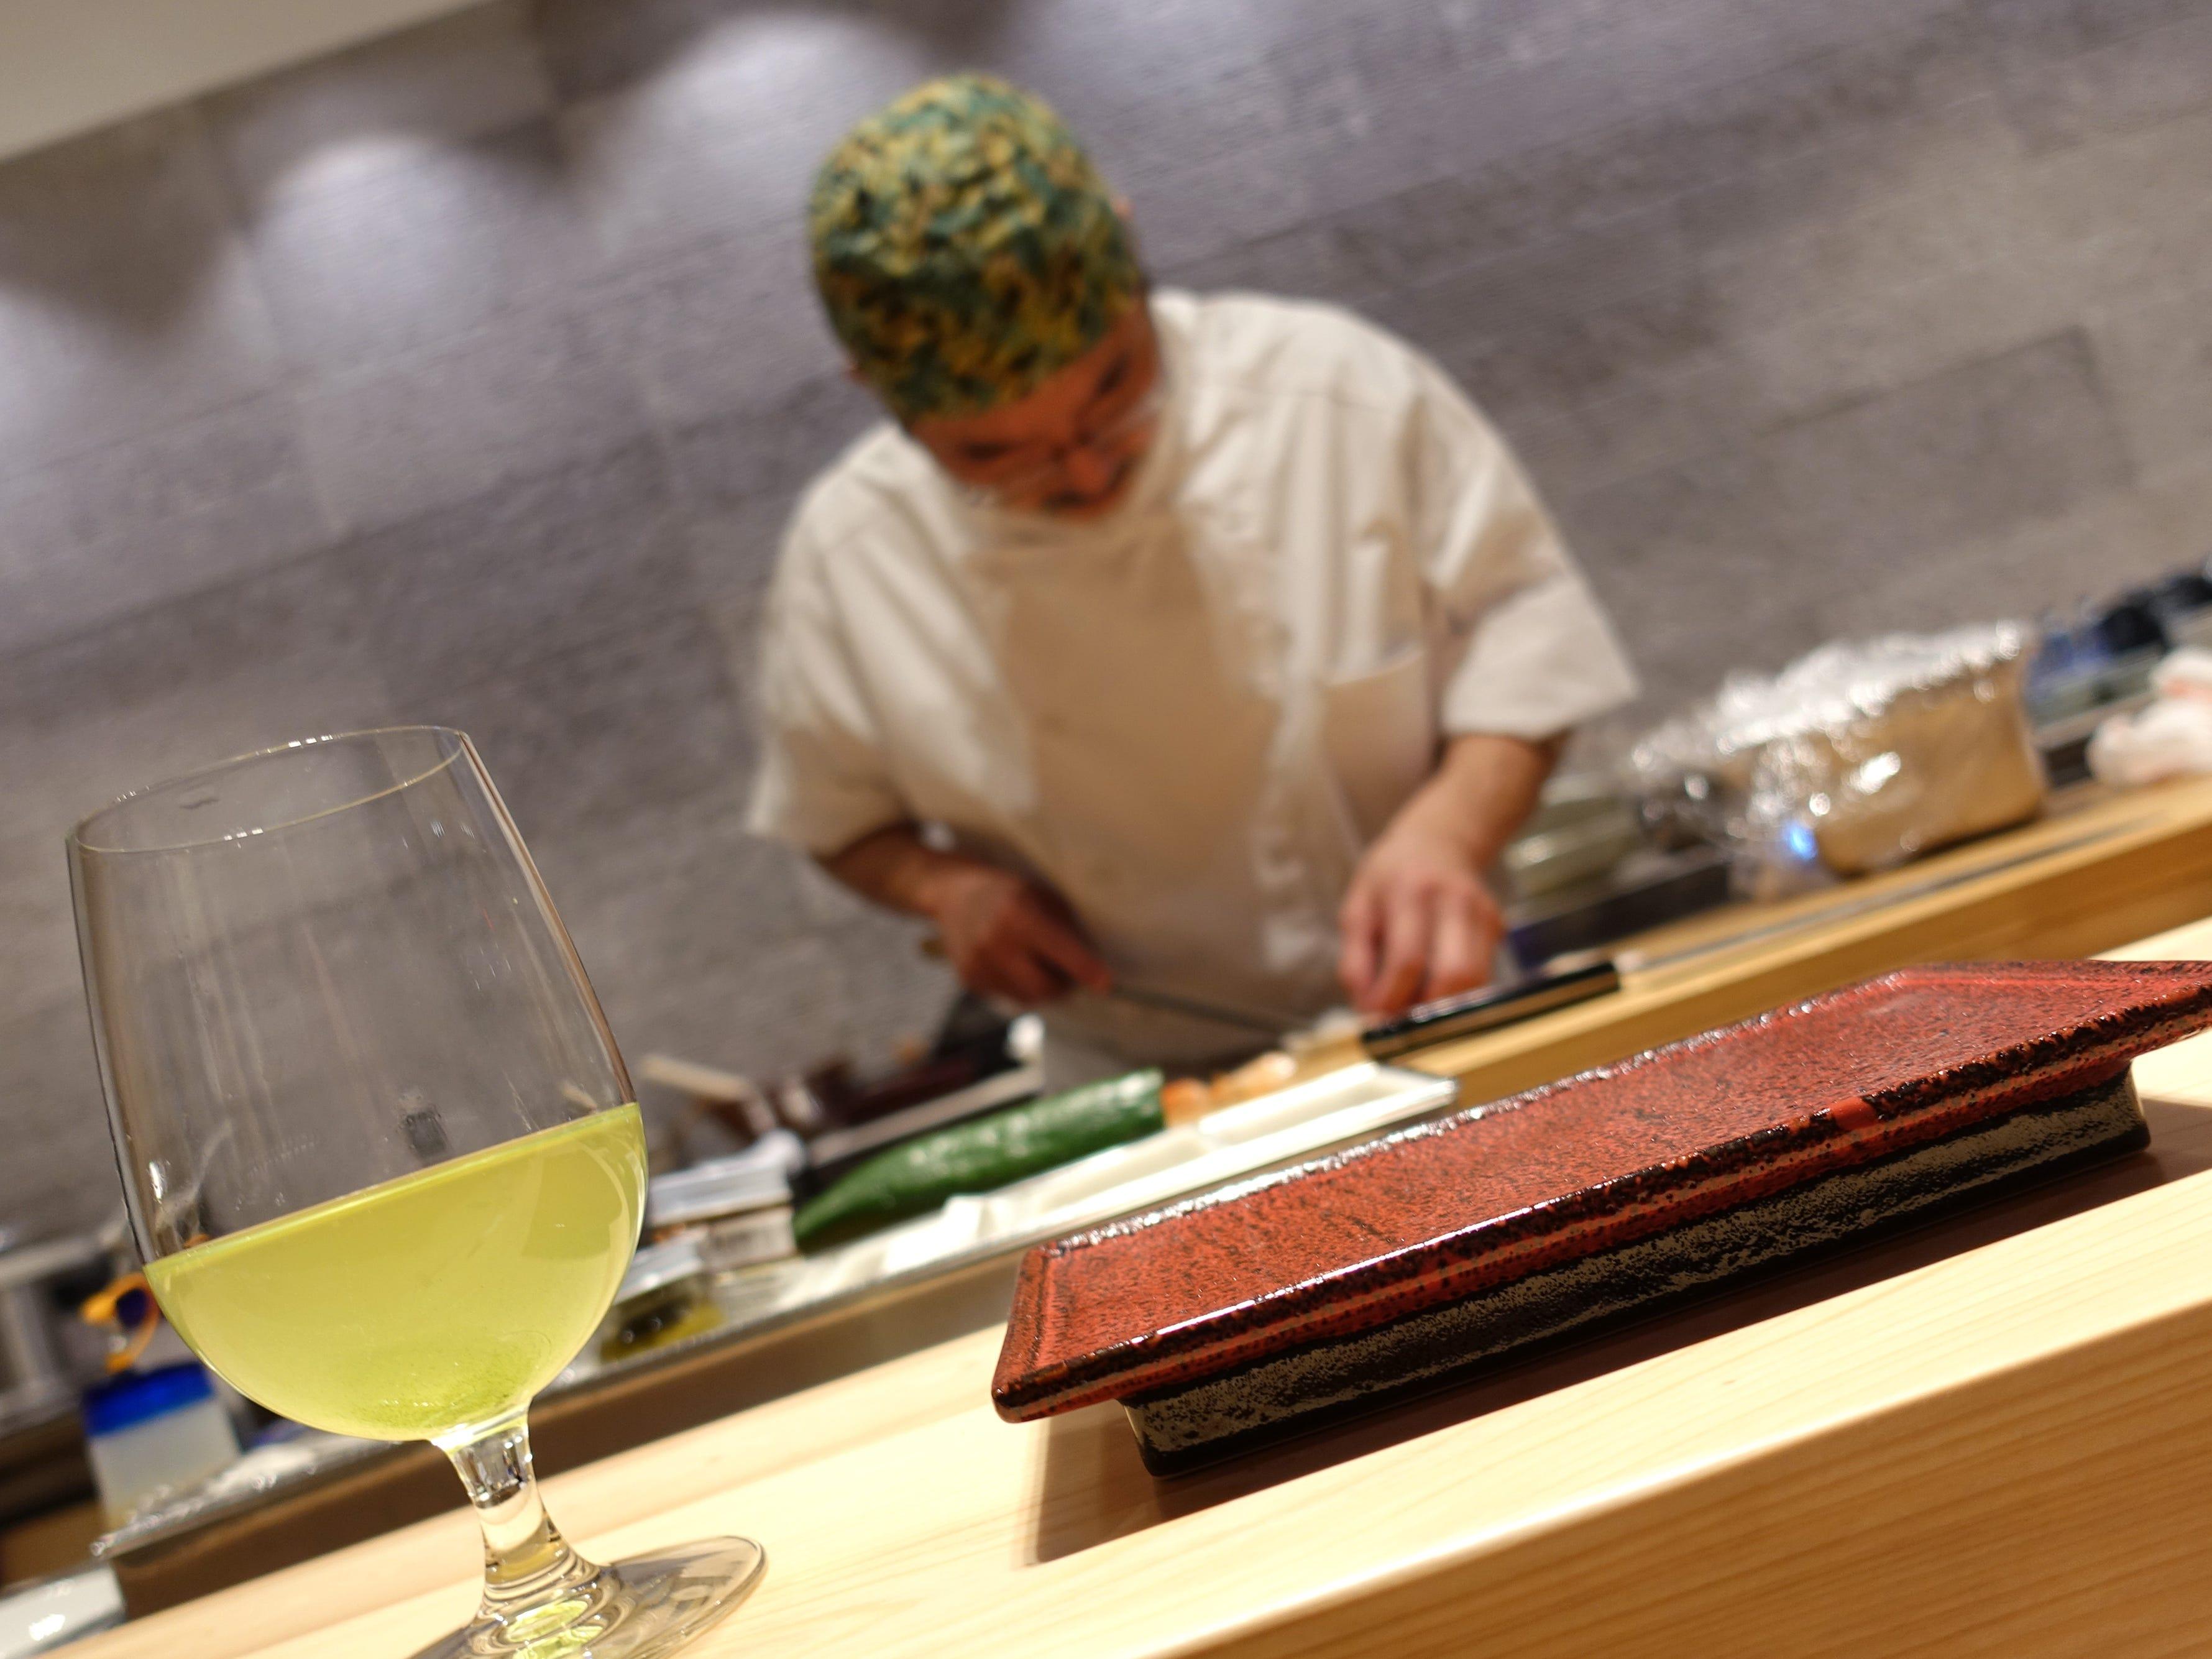 Chef Shinji Kurita prepares nigiri sushi at ShinBay in Scottsdale.